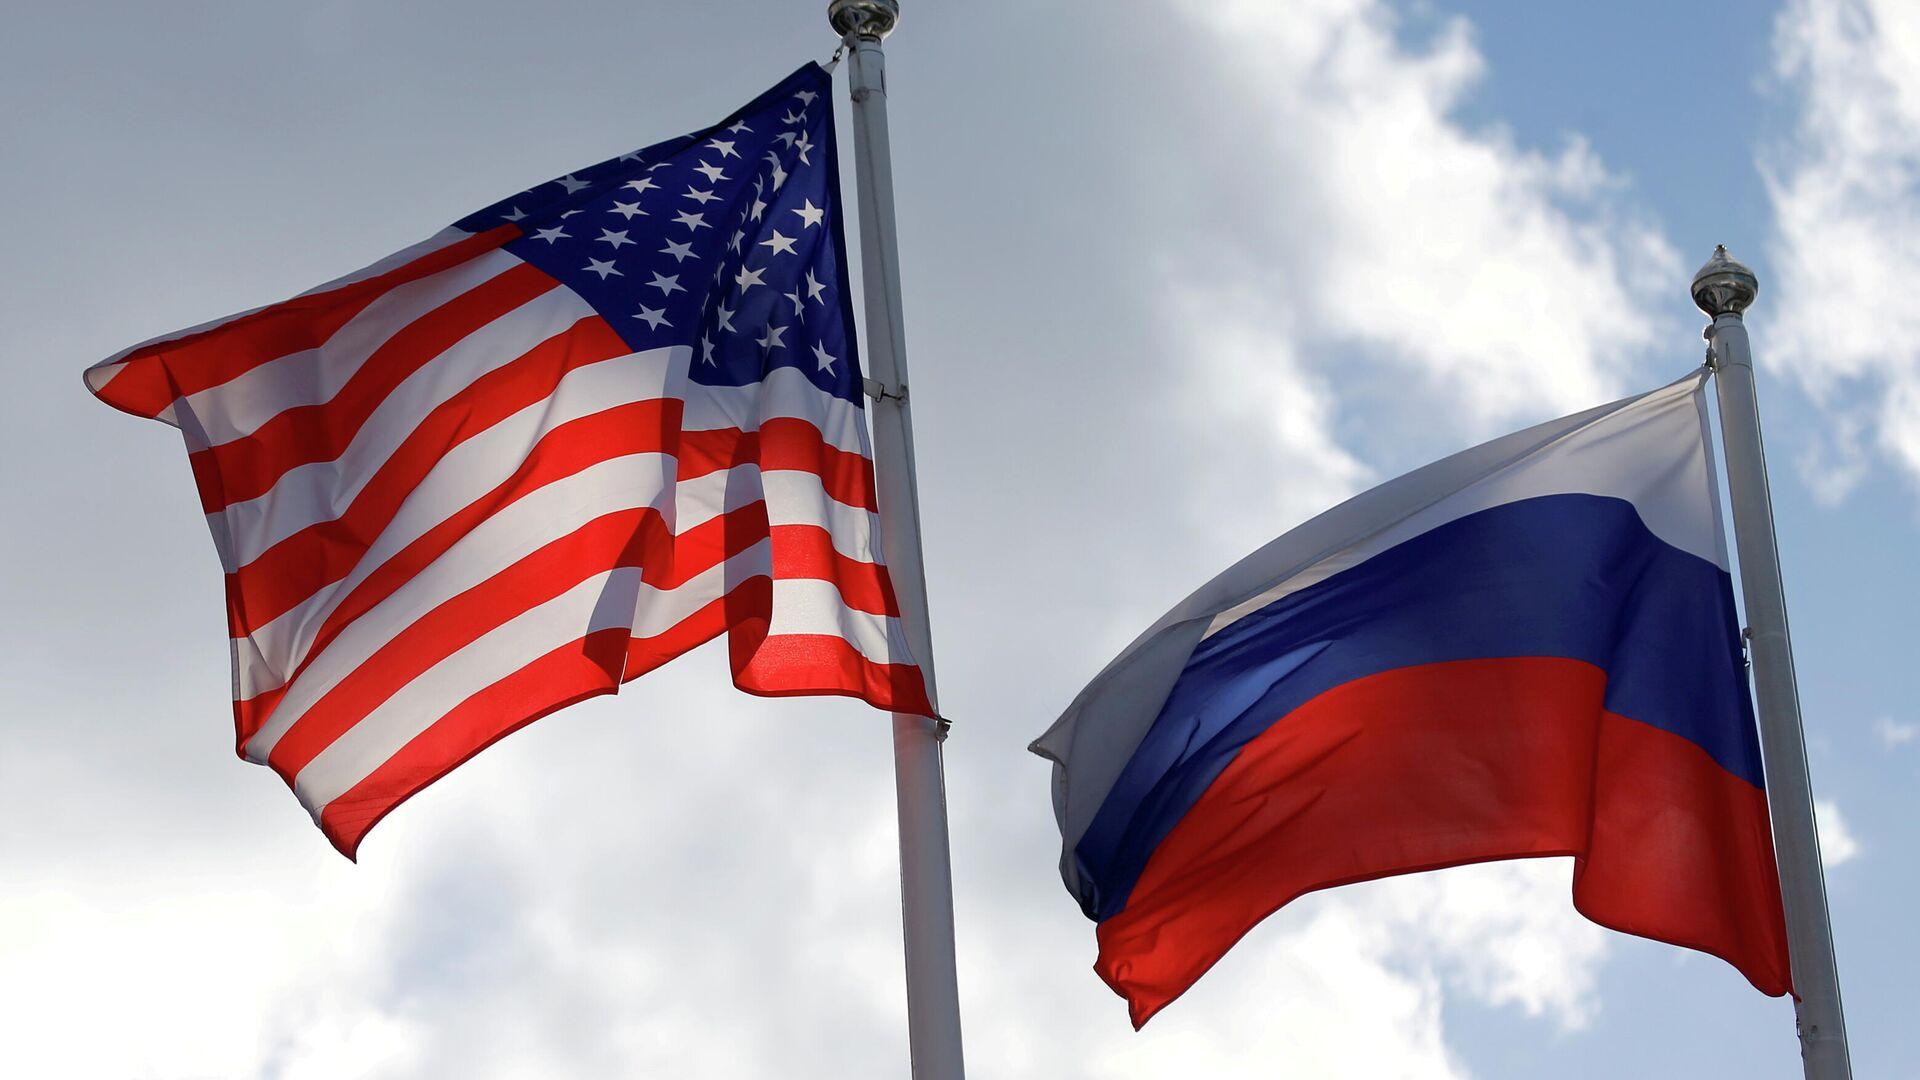 Banderas de Rusia y EEUU (referencial) - Sputnik Mundo, 1920, 08.10.2021